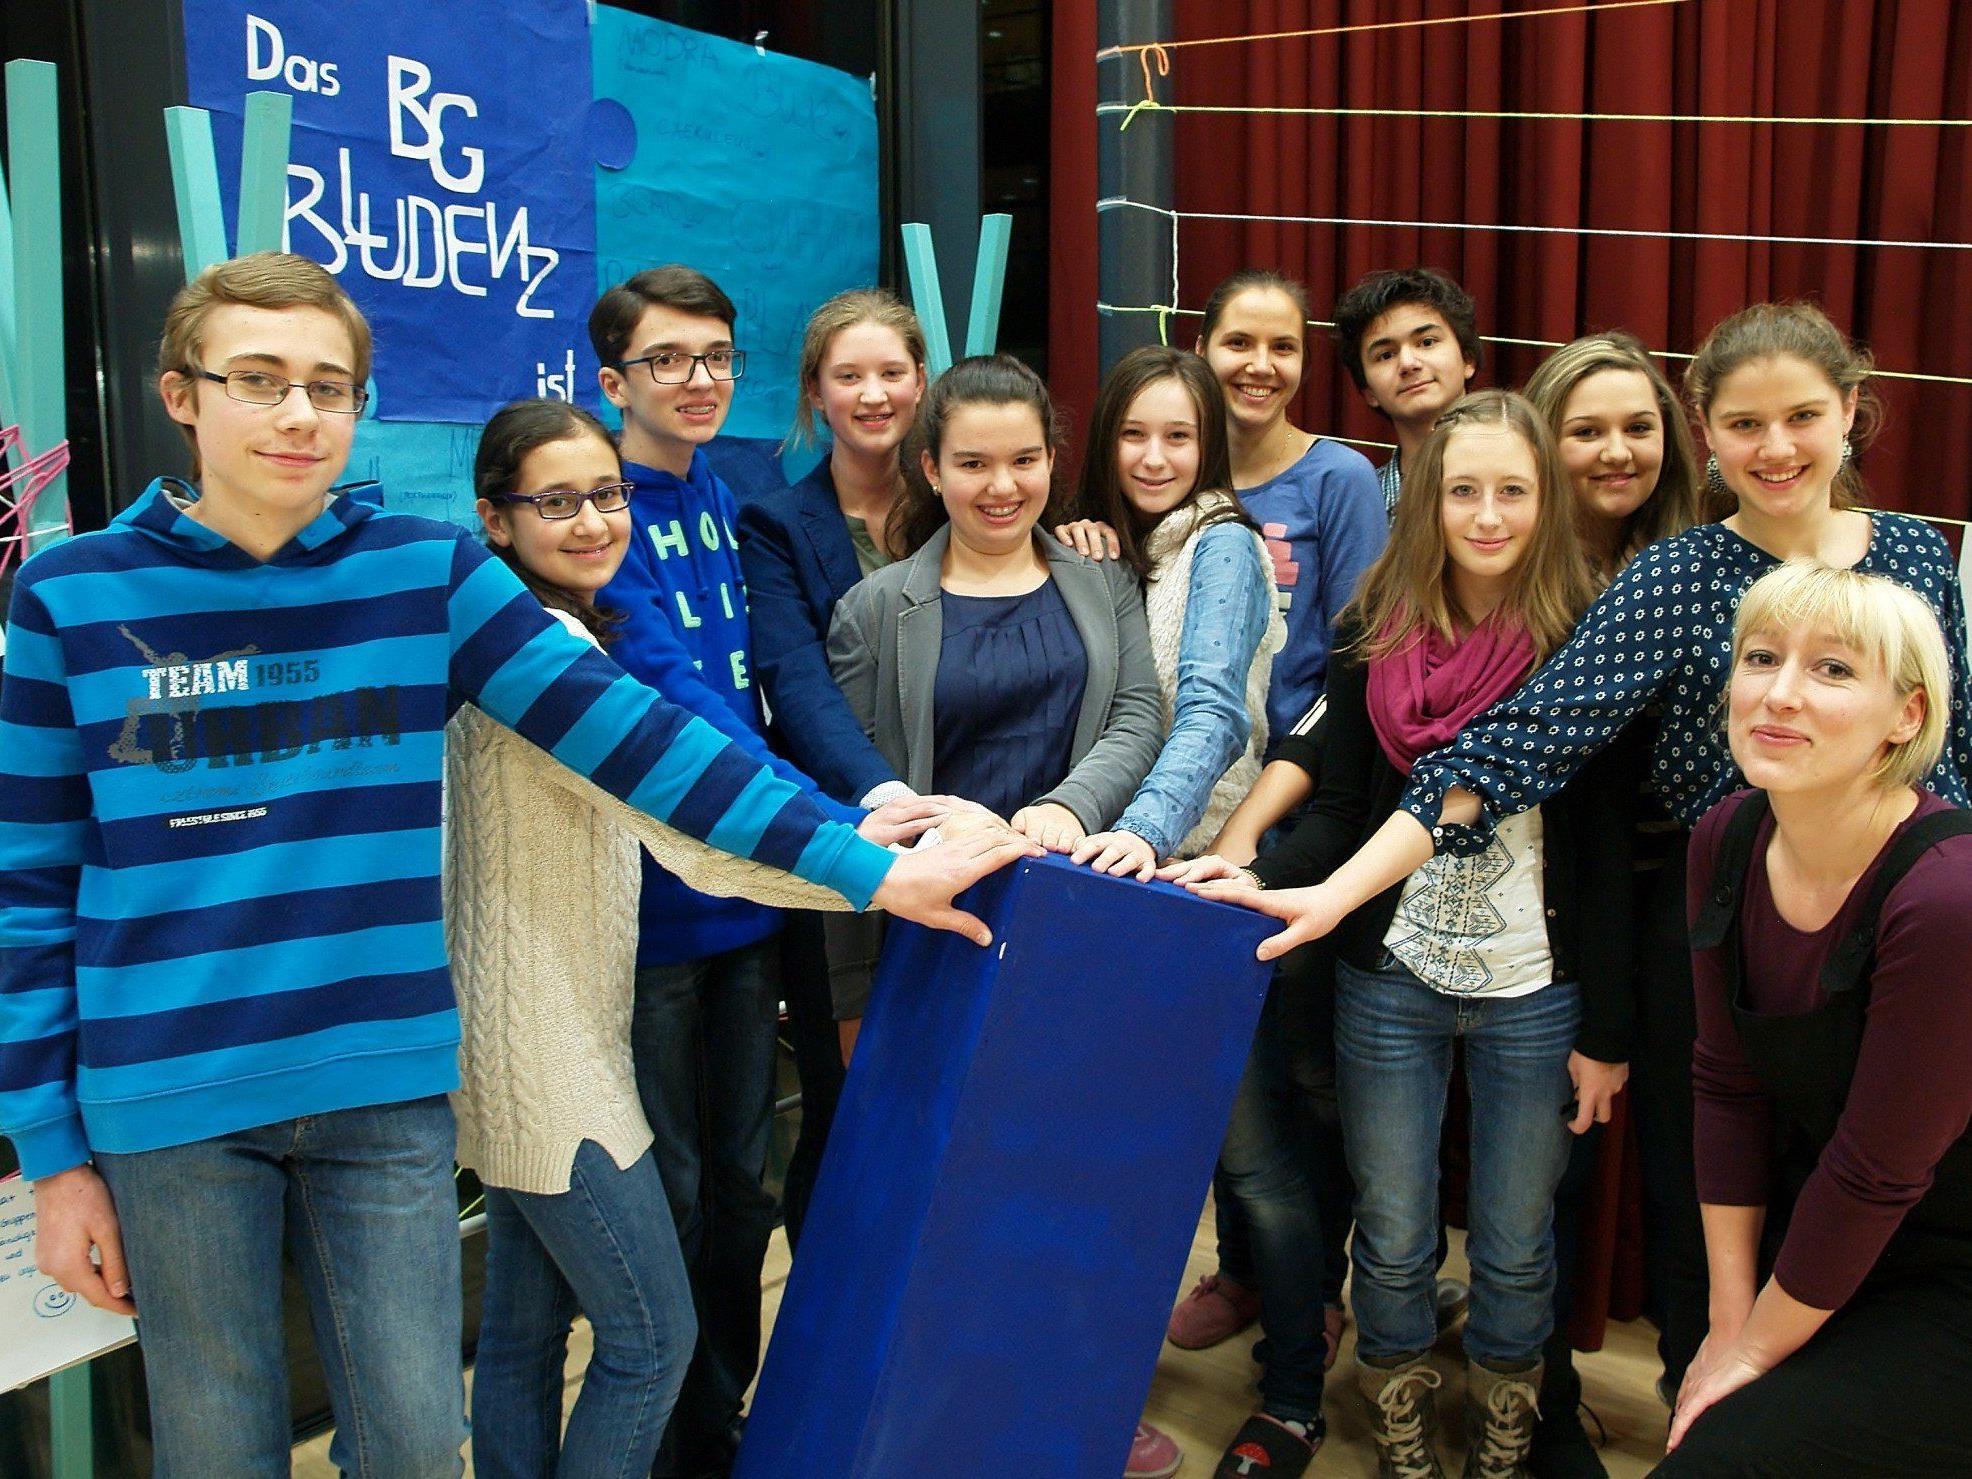 Kunstpädagogin Marina Schöpf mit einigen Jugendlichen bei der Projekt-Präsentation am Bundesgymnasium Bludenz.